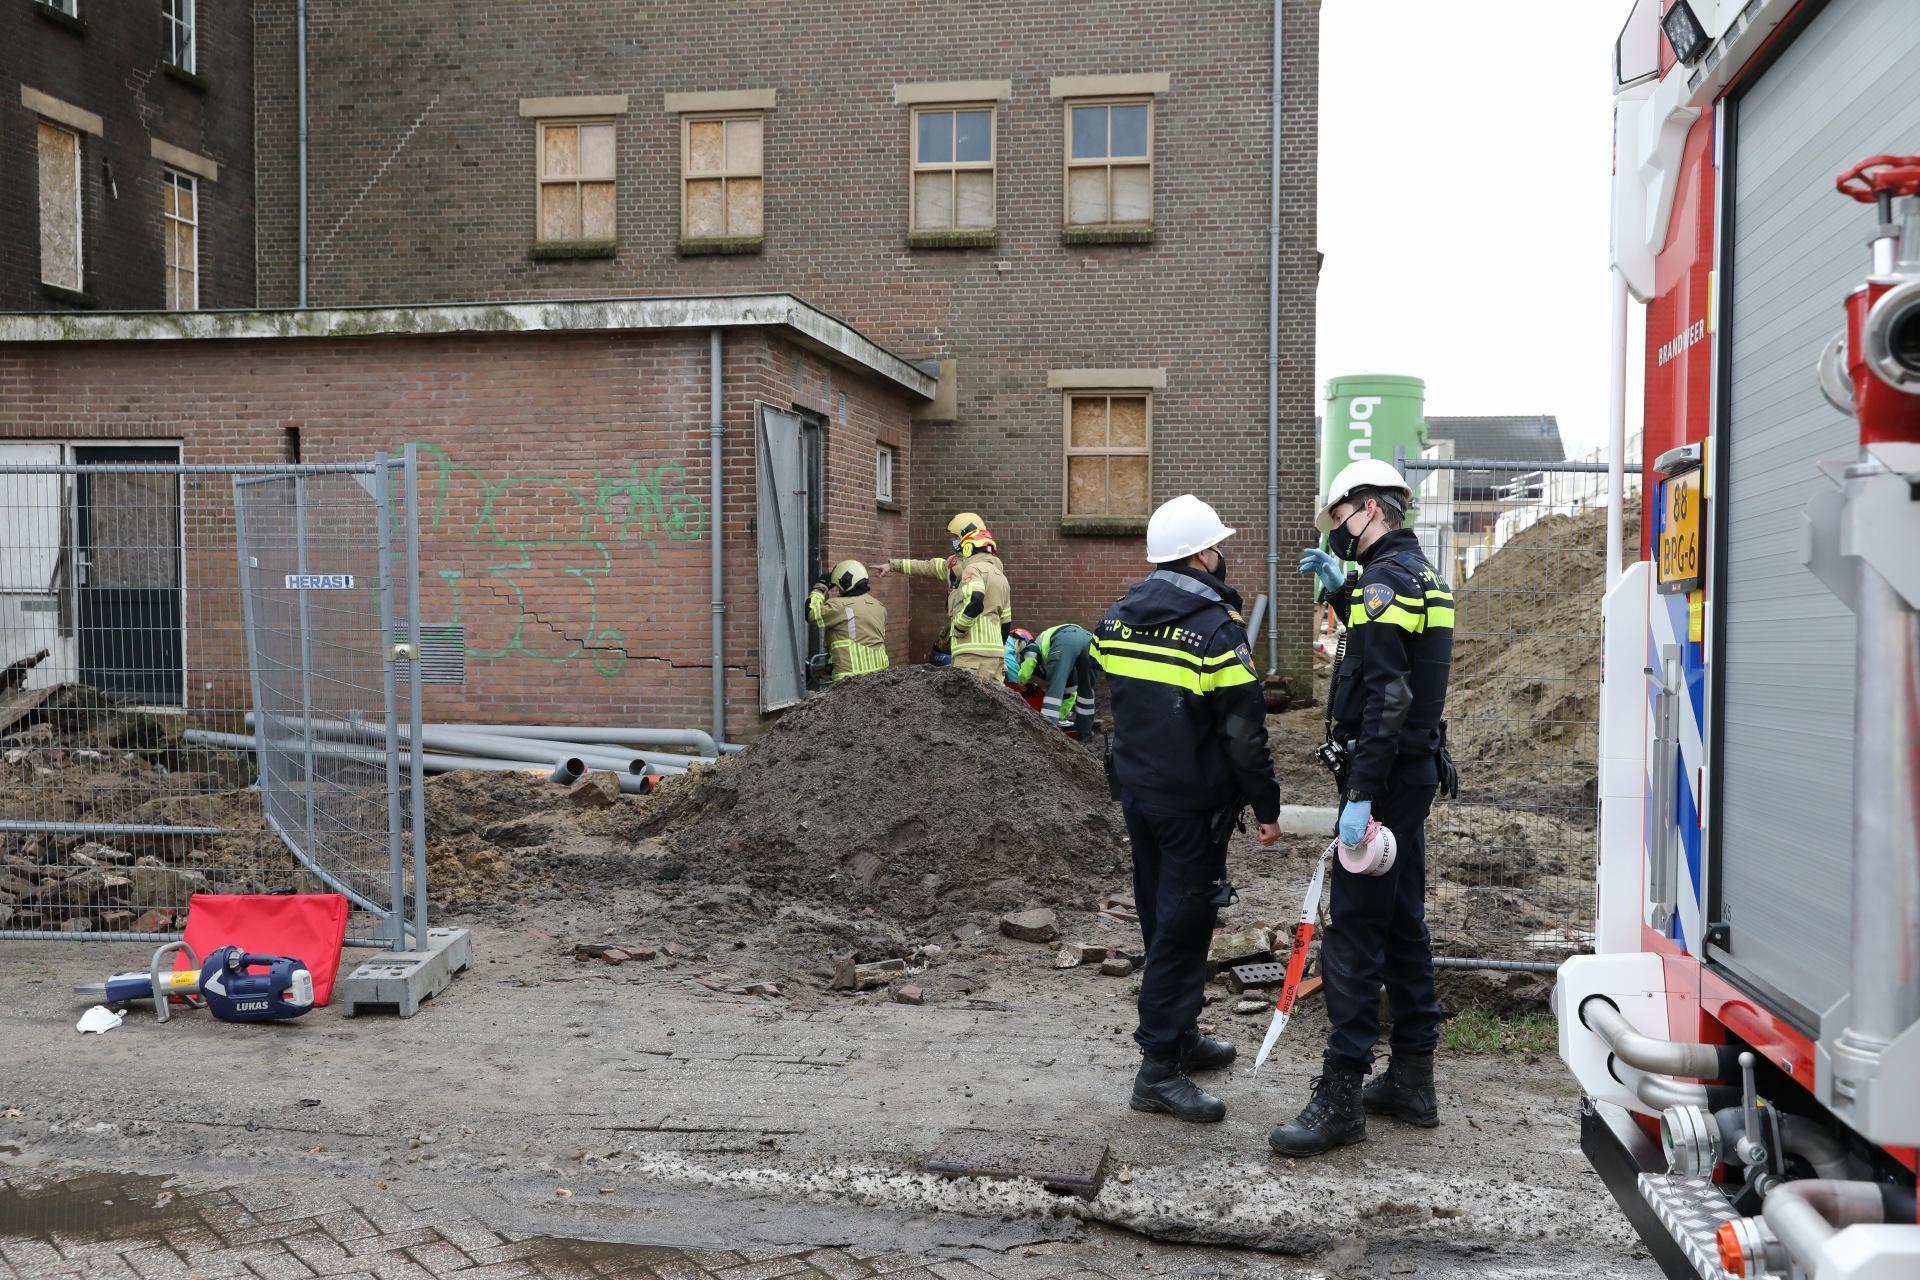 Dak ingestort van oude melkfabriek in Bunschoten, persoon bekneld geraakt en bevrijd door brandweer